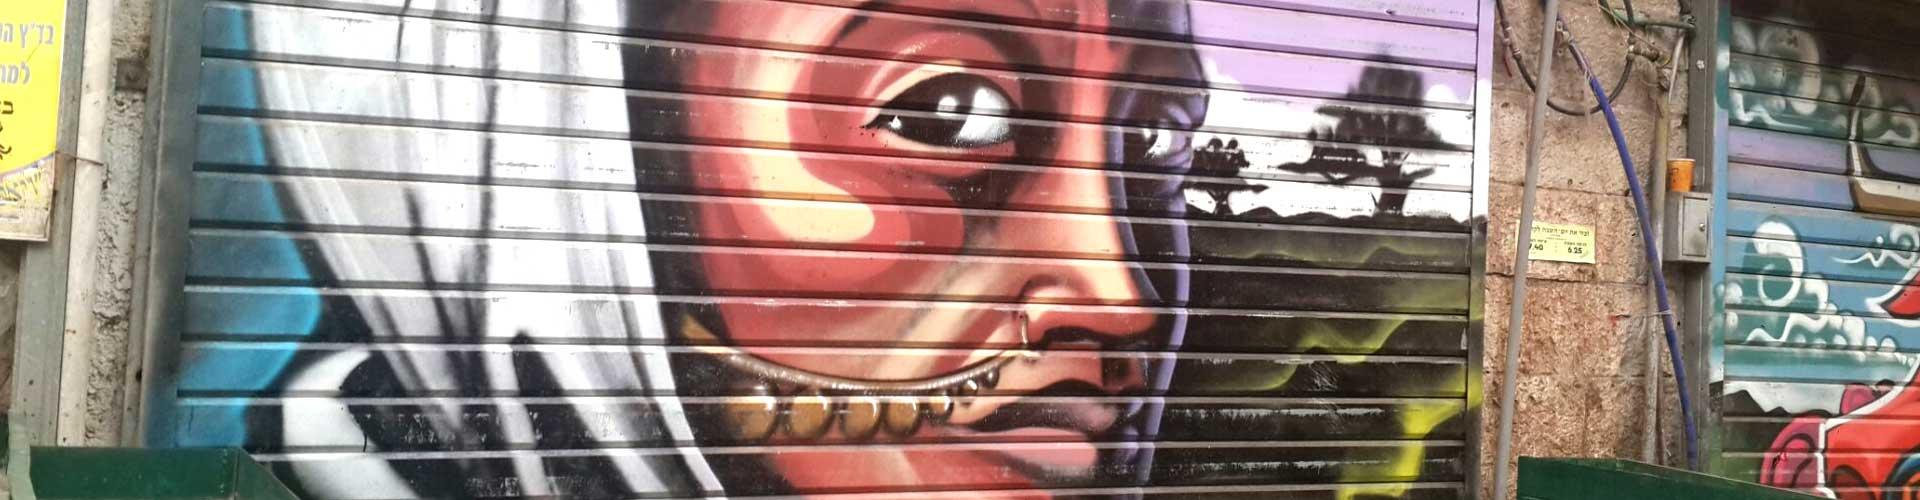 סיור גרפיטי ואמנות רחוב בירושלים